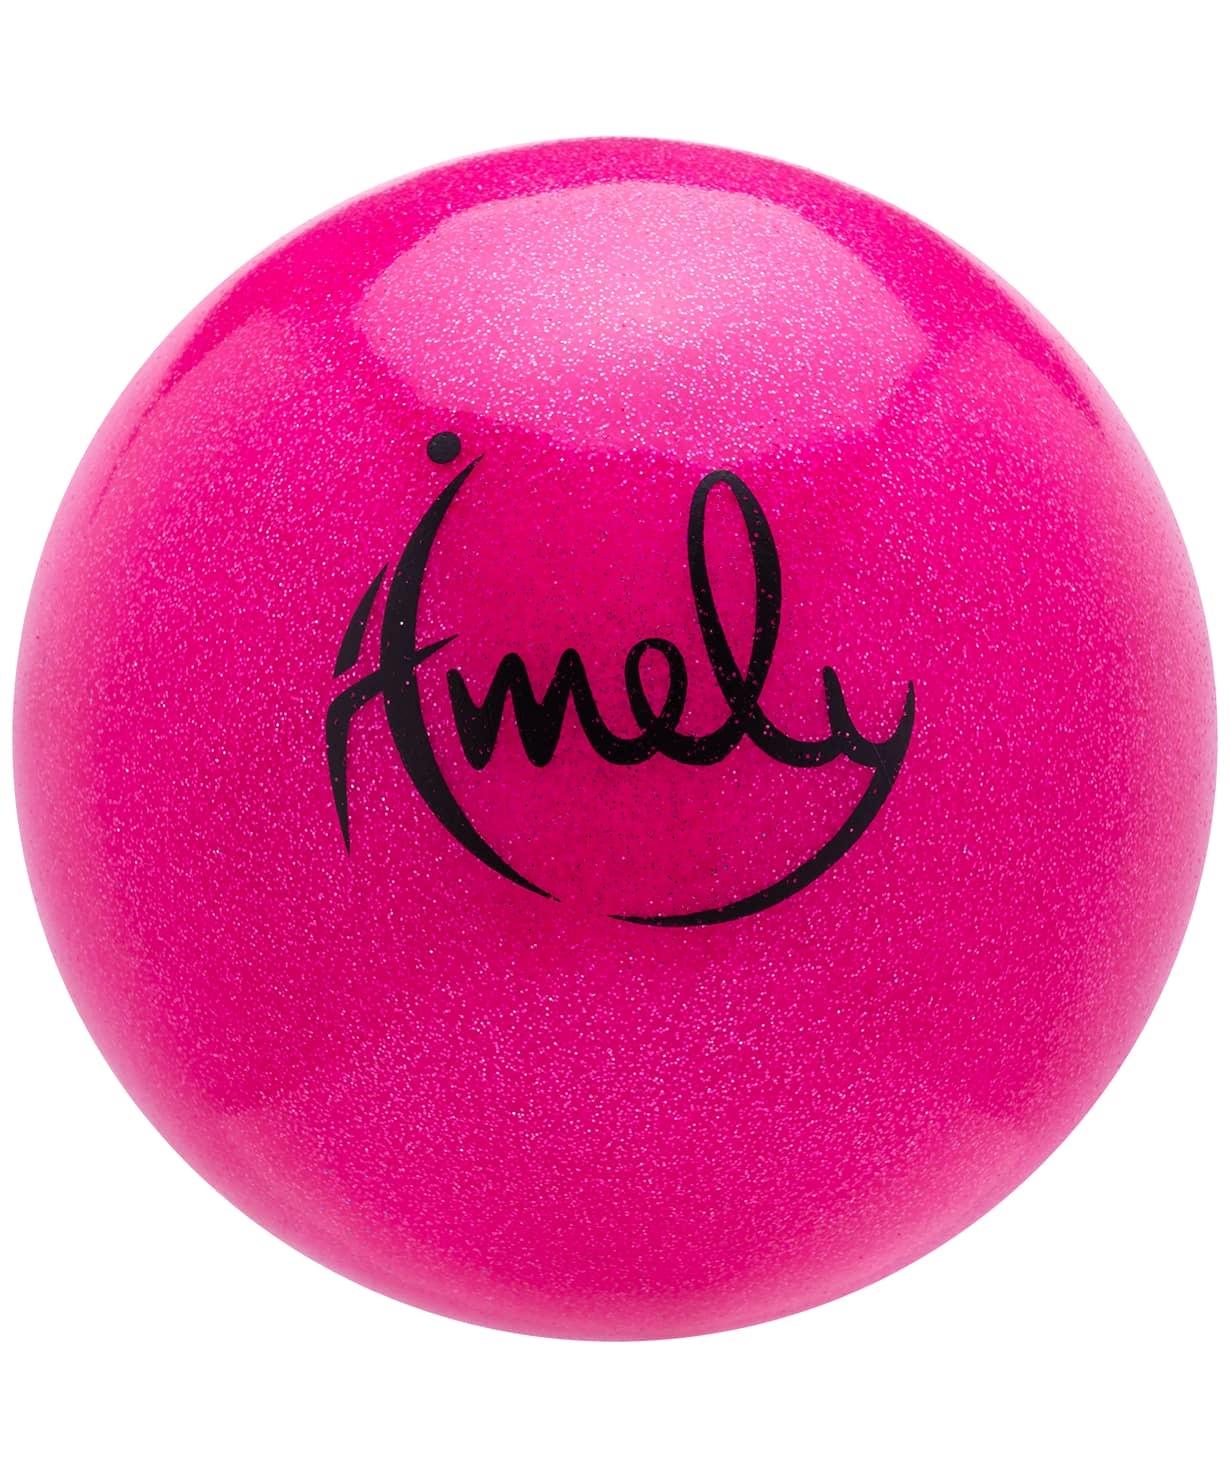 Мяч для художественной гимнастики AGB-303 15 см, розовый, с насыщенными блестками